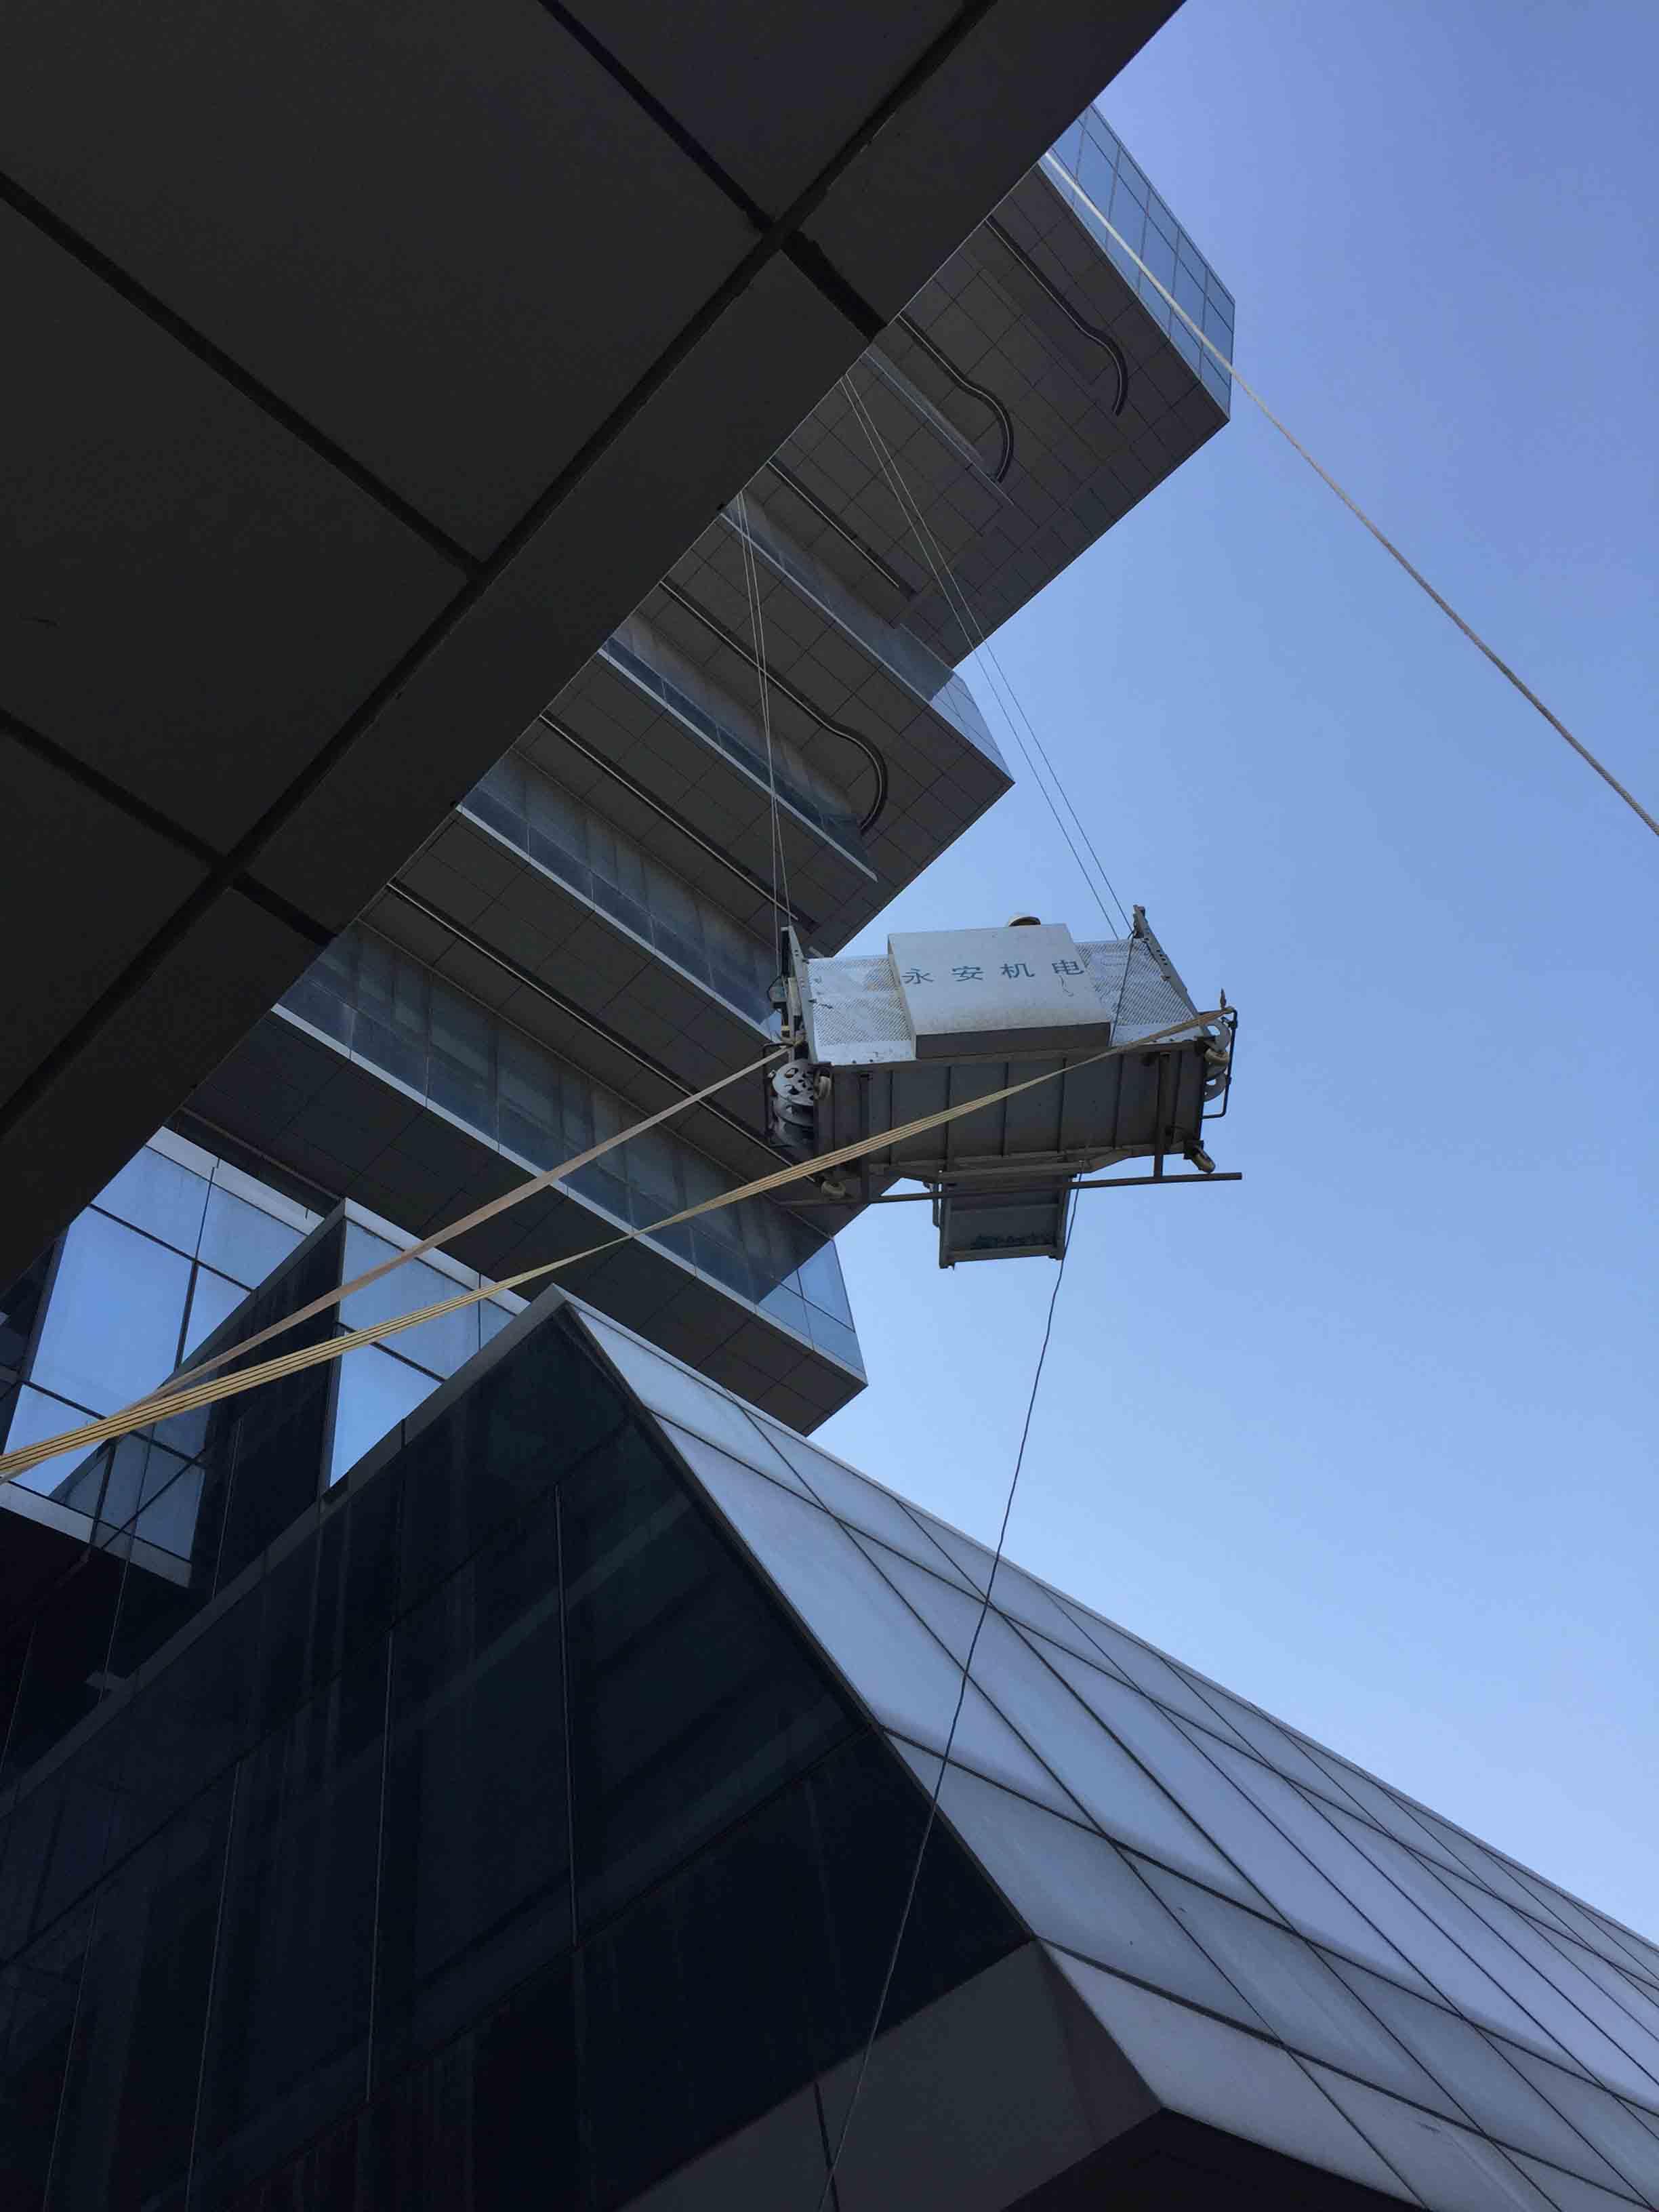 电动擦窗机更换幕墙玻璃哪家好|广州鑫海建筑幕墙工程供应价格划算的电动擦窗机更换幕墙玻璃